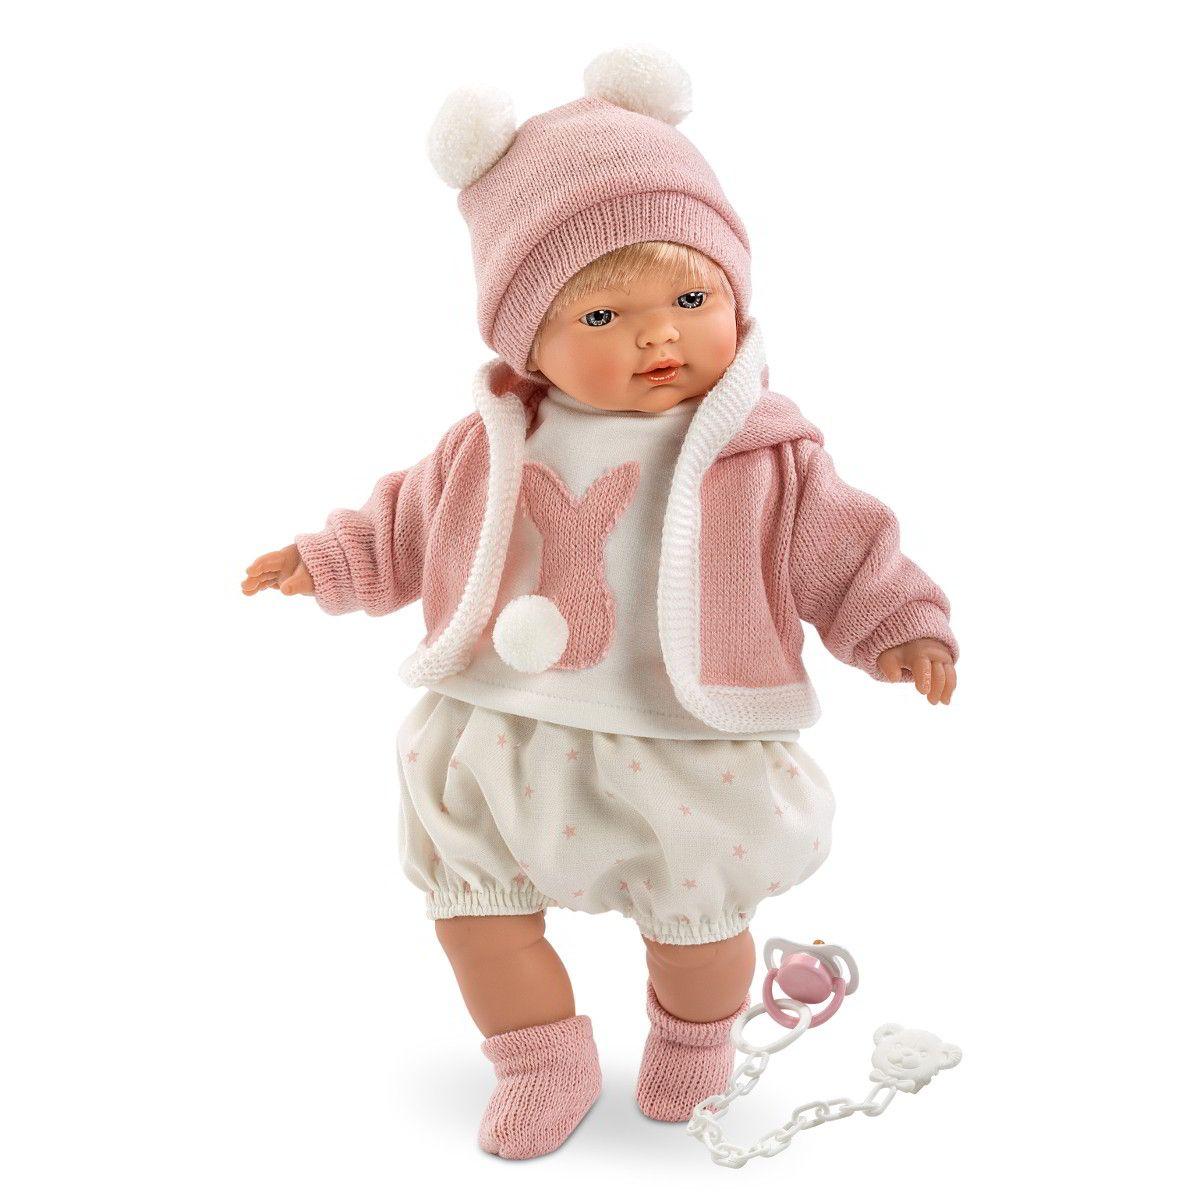 Кукла Кэрол, 33 смИспанские куклы Llorens Juan, S.L.<br>Кукла Кэрол, 33 см<br>